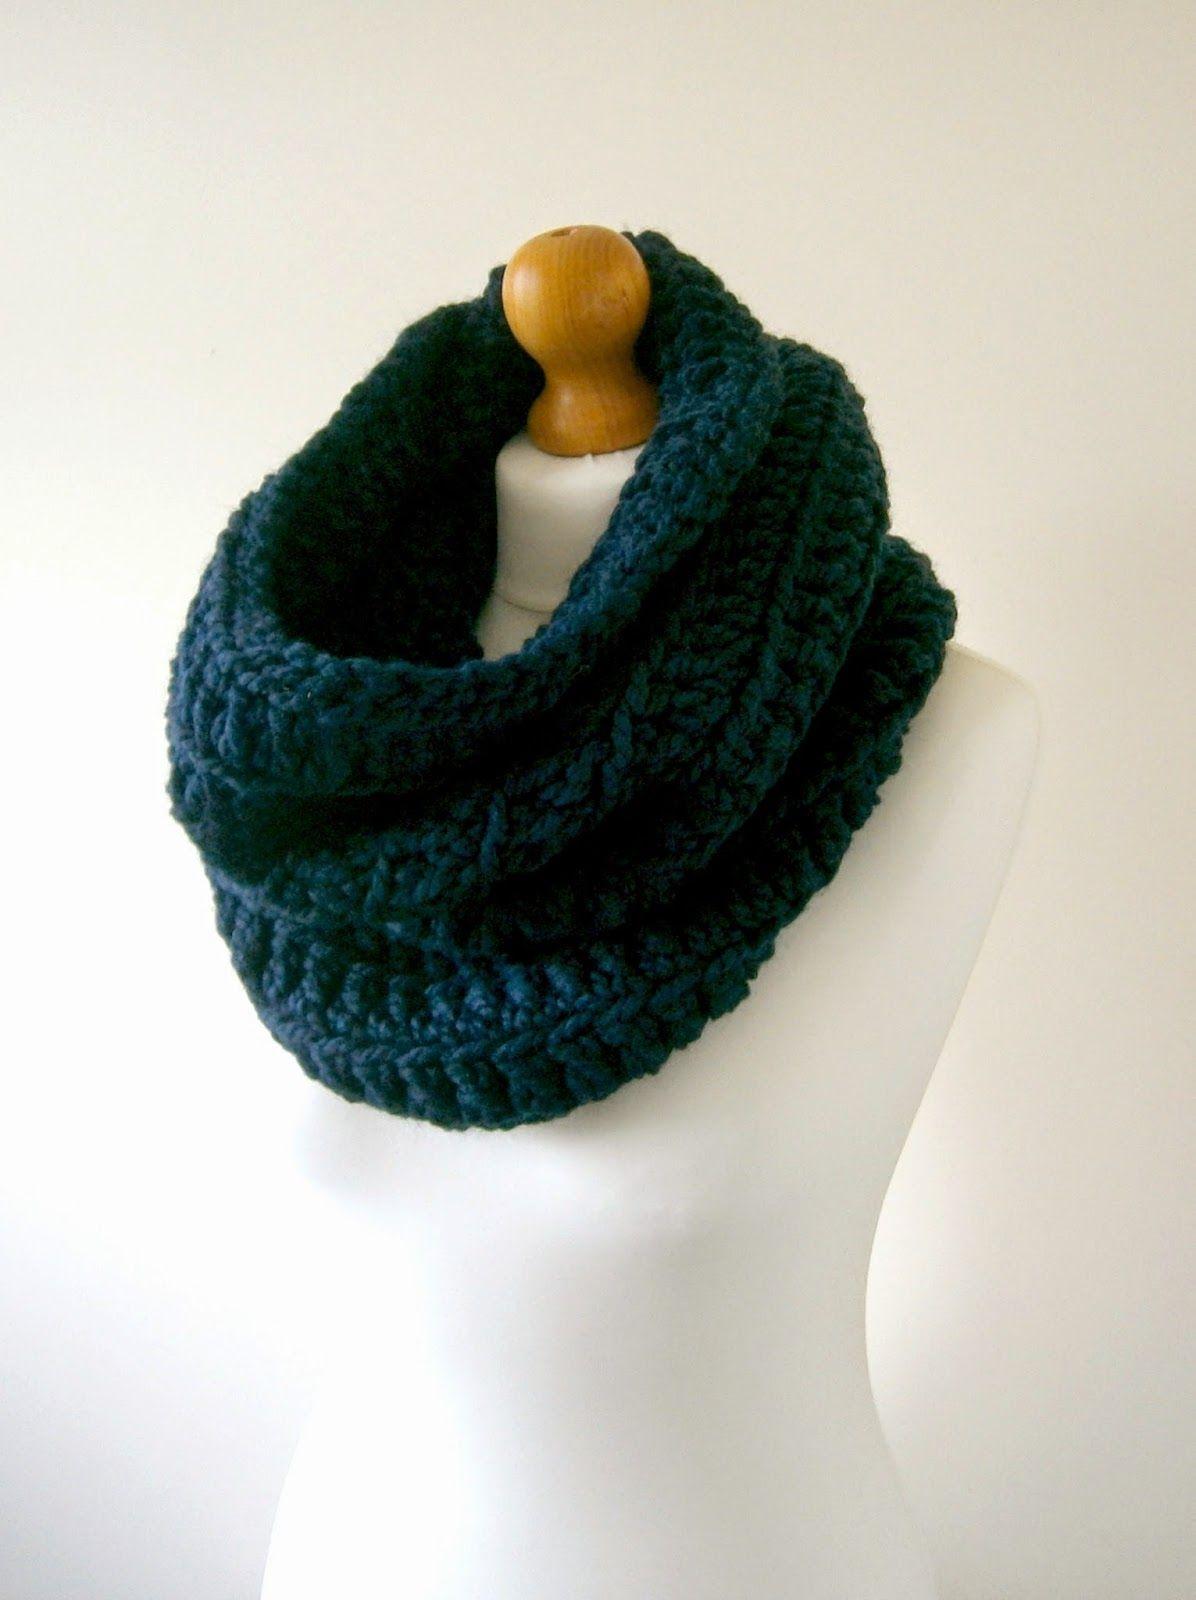 Freya Esme Crochet: Crochet Cowl Pattern - Abigail | Crochet ...